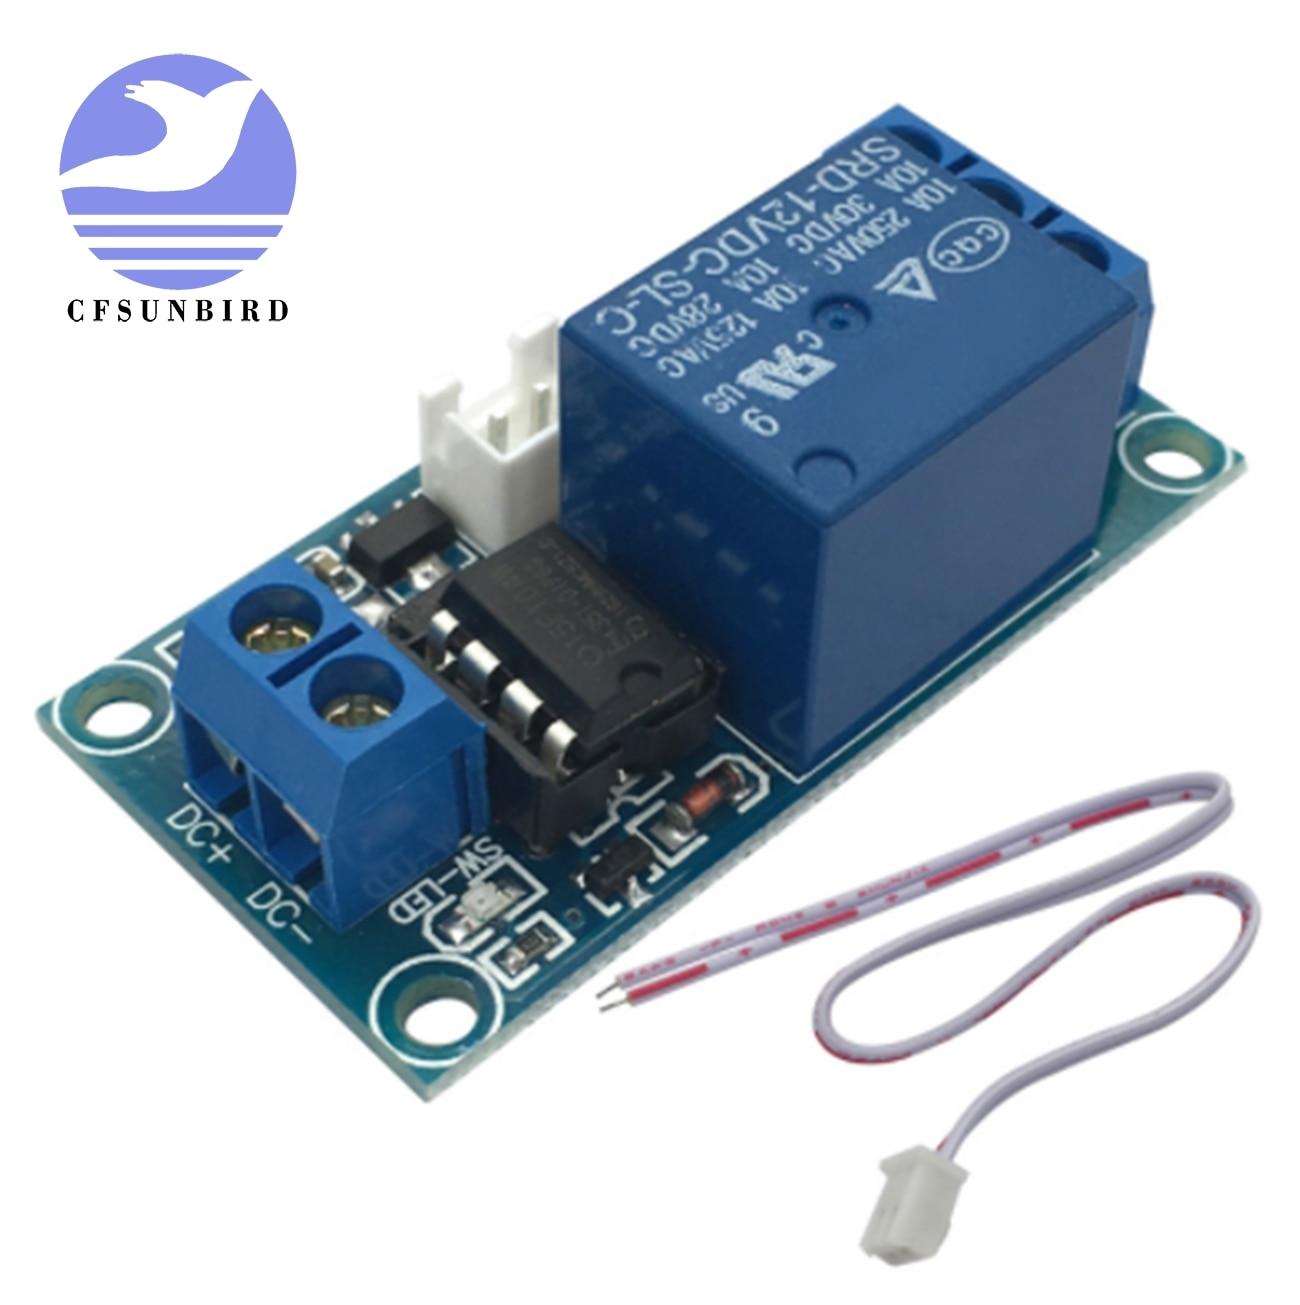 CFsunbird 1 pc 1 Channel 12 V Módulo de Relé de Travamento com Toque Bistable Interruptor de Controle MCU